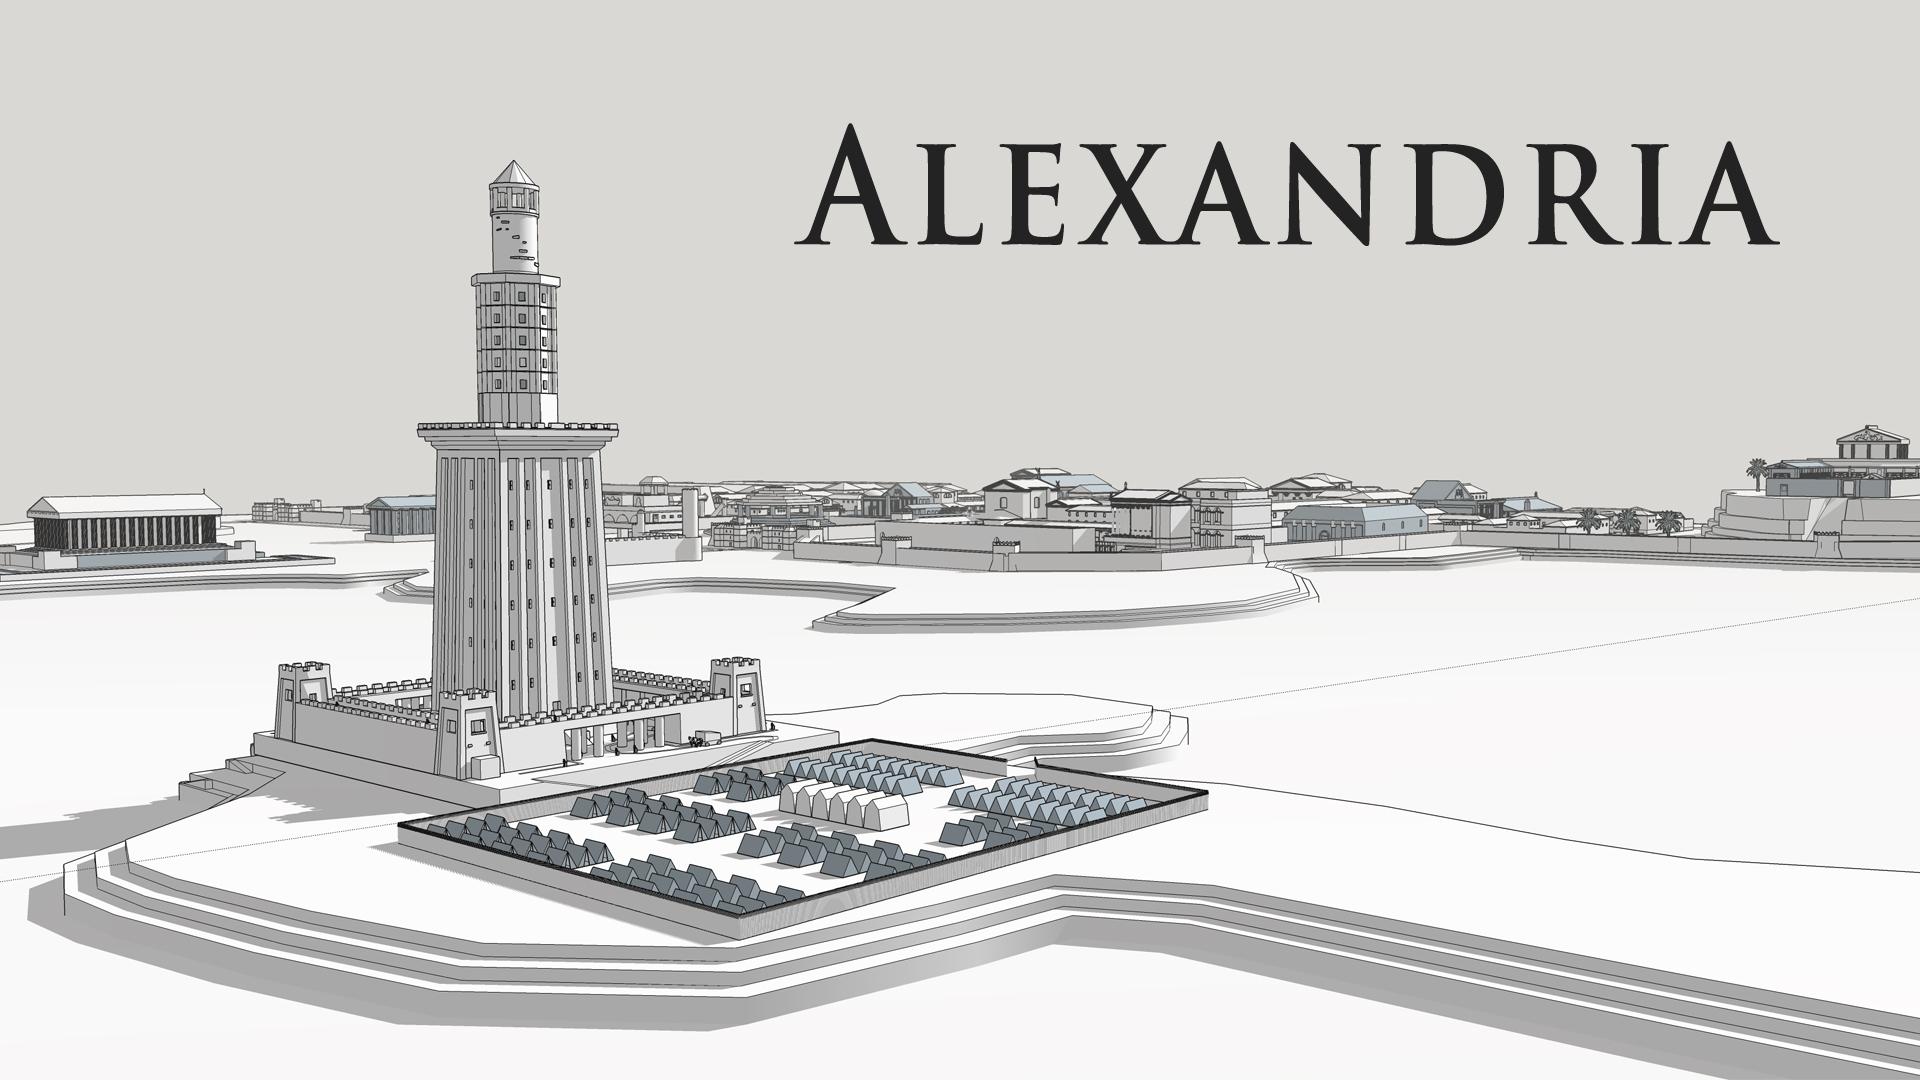 Alexandria_01